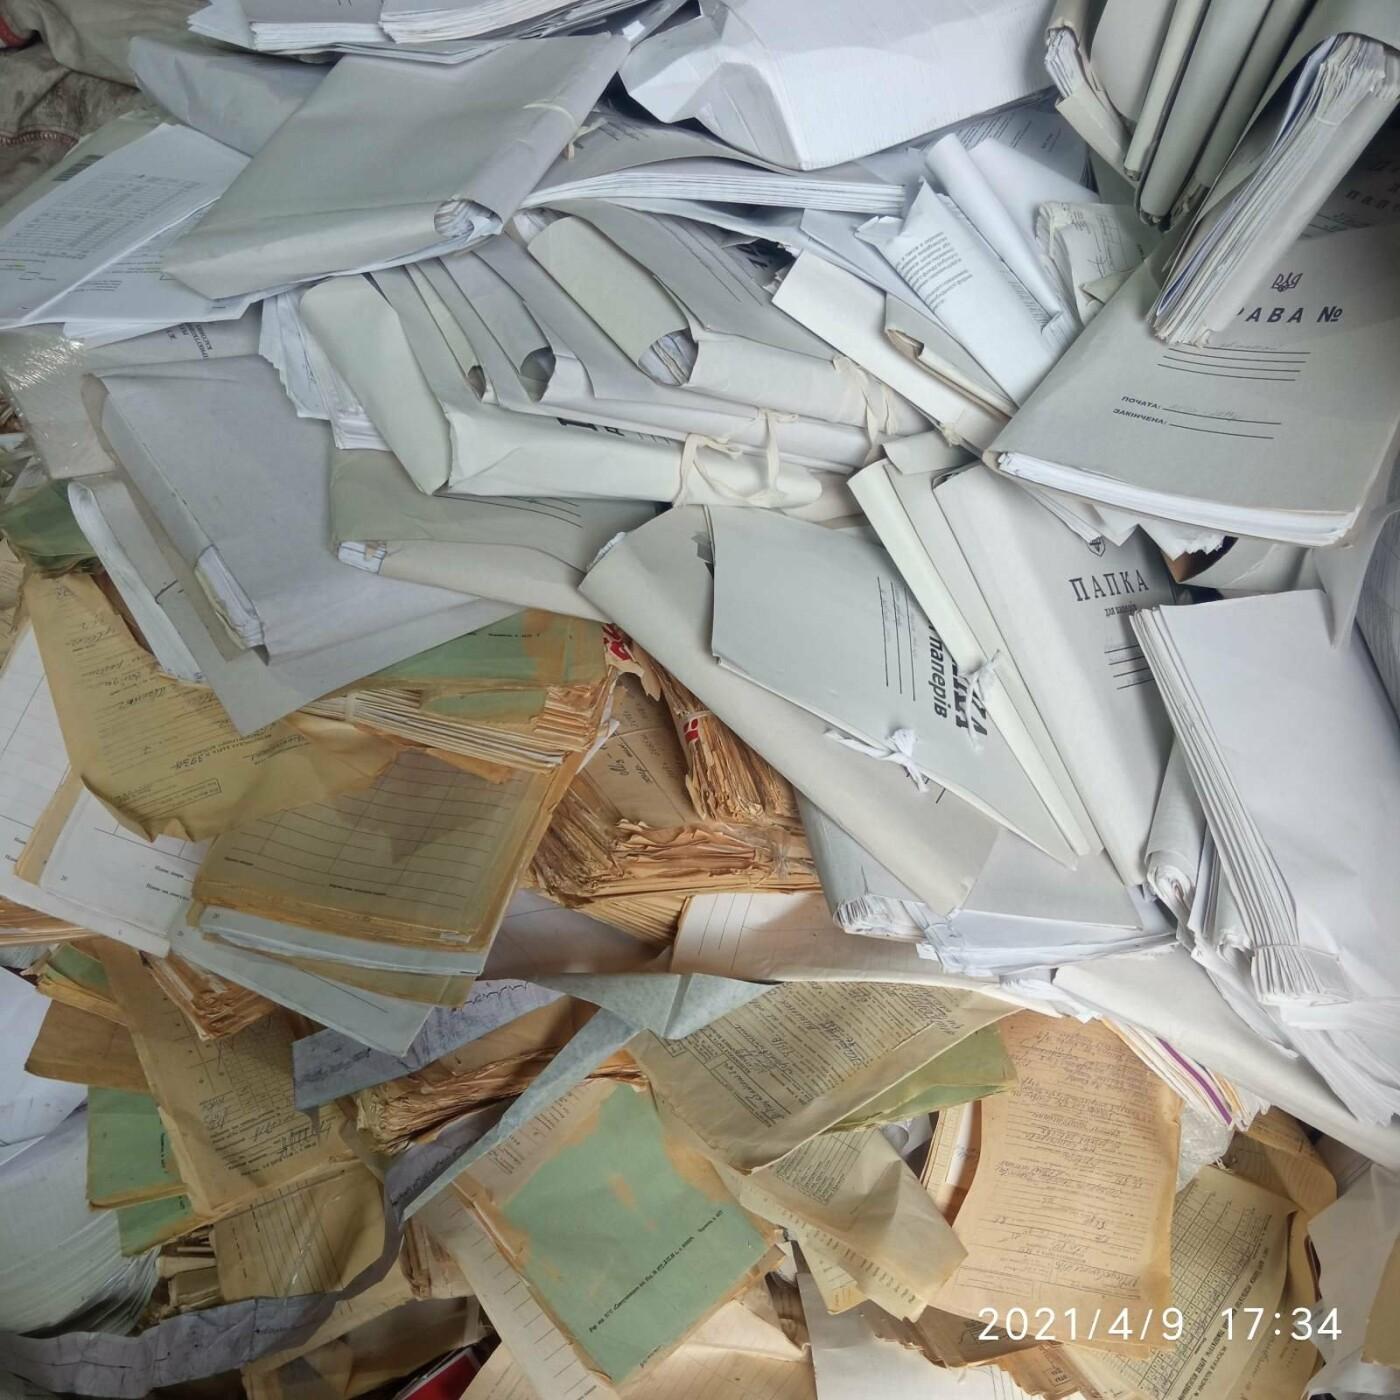 Прибирання квартир, будинків та офісів у Чернігові. Хто допоможе?, фото-7